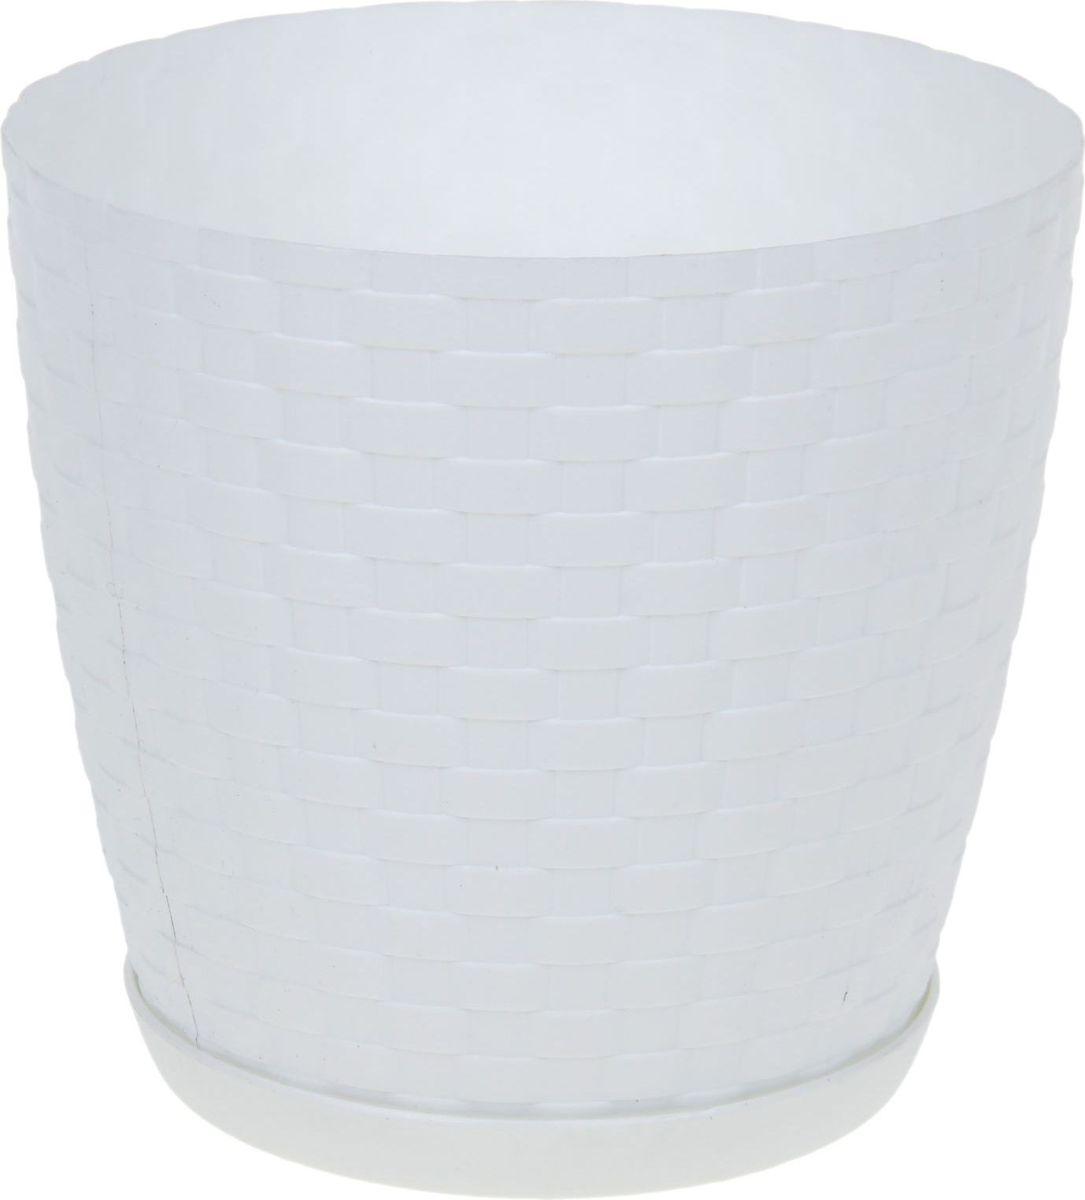 Горшок для цветов Петропласт Ротанг, с поддоном, цвет: белый, 1,2 л1306726Горшок для цветов Петропласт Ротанг обладает малым весом и высокой прочностью. С лёгкостью переносите горшки и кашпо с места на место, ставьте их на столики или полки, подвешивайте под потолок, не беспокоясь о нагрузке. Пластиковые изделия не нуждаются в специальных условиях хранения. Их легко чистить - достаточно просто сполоснуть тёплой водой. Пластиковые кашпо не царапают и не загрязняют поверхности, на которых стоят. Пластик дольше хранит влагу, а значит растение реже нуждается в поливе.Пластмасса не пропускает воздух, а значит, корневой системе растения не грозят резкие перепады температур. Соблюдая нехитрые правила ухода, вы можете заметно продлить срок службы горшков, вазонов и кашпо из пластика:- всегда учитывайте размер кроны и корневой системы растения (при разрастании большое растение способно повредить маленький горшок). - берегите изделие от воздействия прямых солнечных лучей, чтобы кашпо и горшки не выцветали. - держите кашпо и горшки из пластика подальше от нагревающихся поверхностей. Любой, даже самый современный и продуманный интерьер будет не завершённым без растений. Они не только очищают воздух и насыщают его кислородом, но и заметно украшают окружающее пространство. Такому полезному члену семьи просто необходимо красивое и функциональное кашпо, оригинальный горшок или необычная ваза!